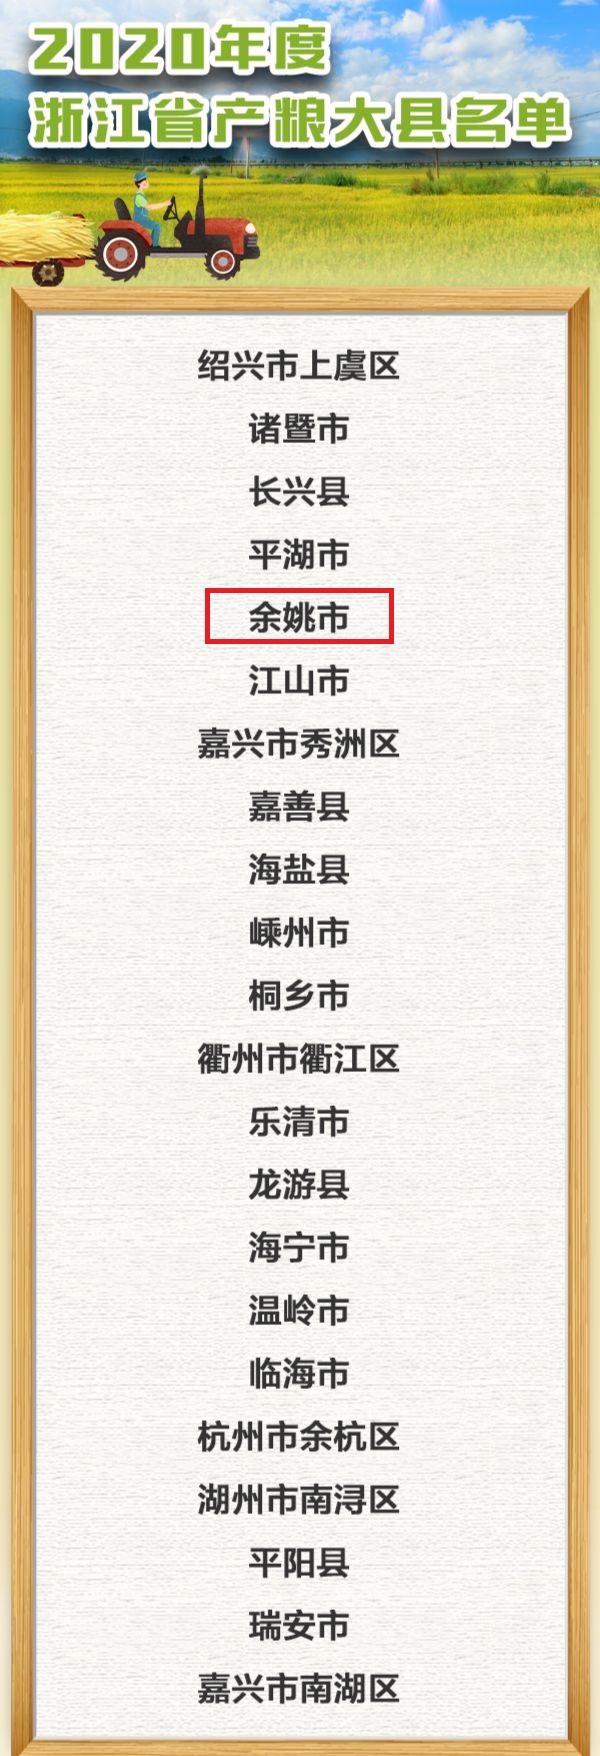 """余姚市获评2020年度省""""产粮大县""""称号!"""